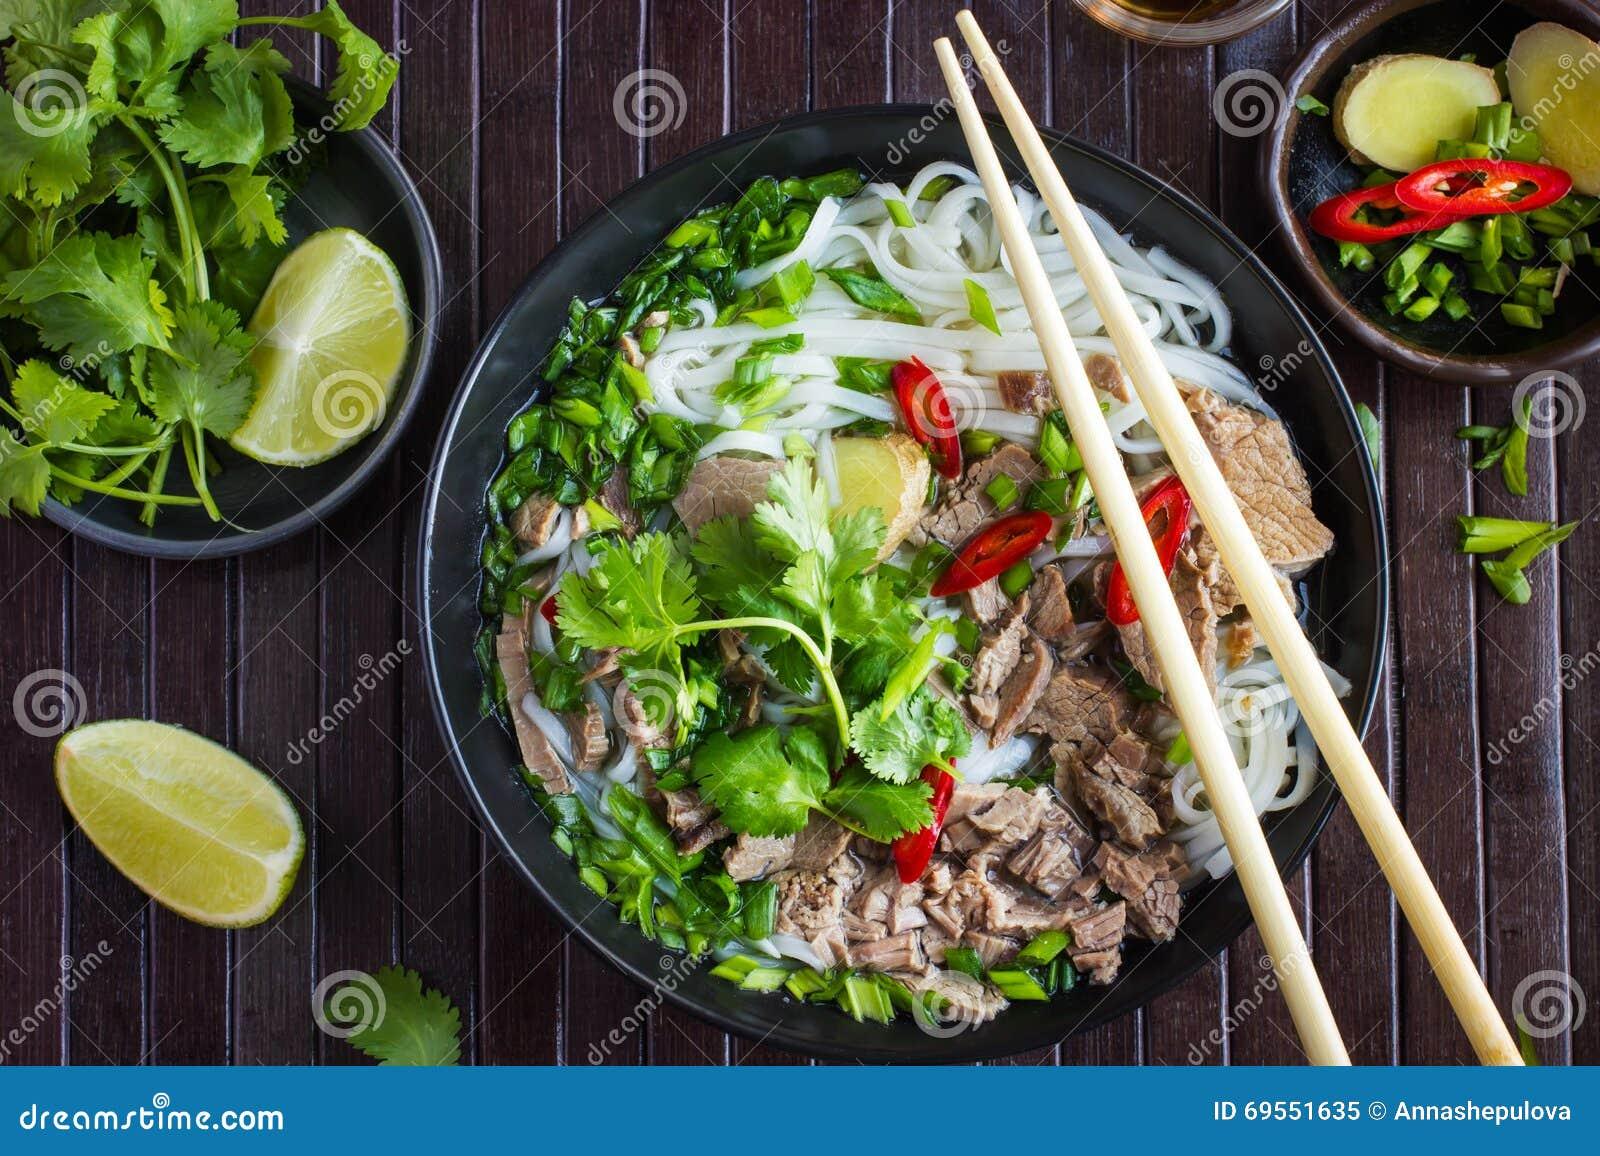 traditionelle vietnamesische suppe pho mit rindfleisch und reisnudel stockfoto bild 69551635. Black Bedroom Furniture Sets. Home Design Ideas